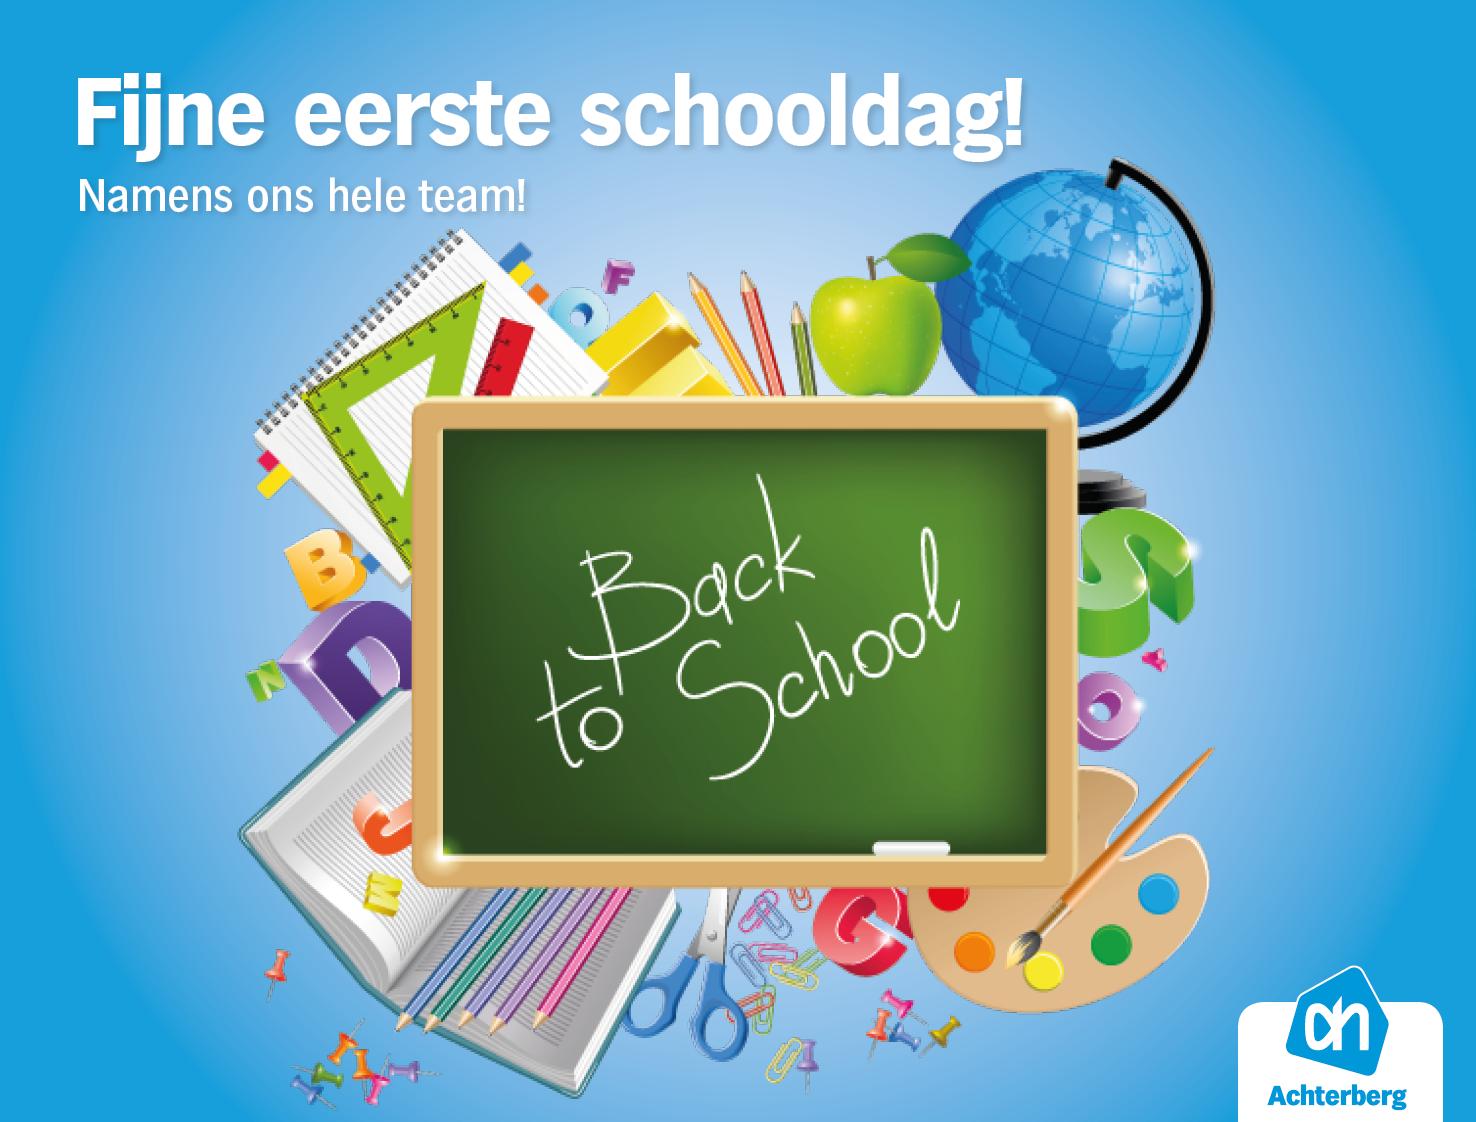 Iedereen een leuk en leerzaam jaar toegewenst!